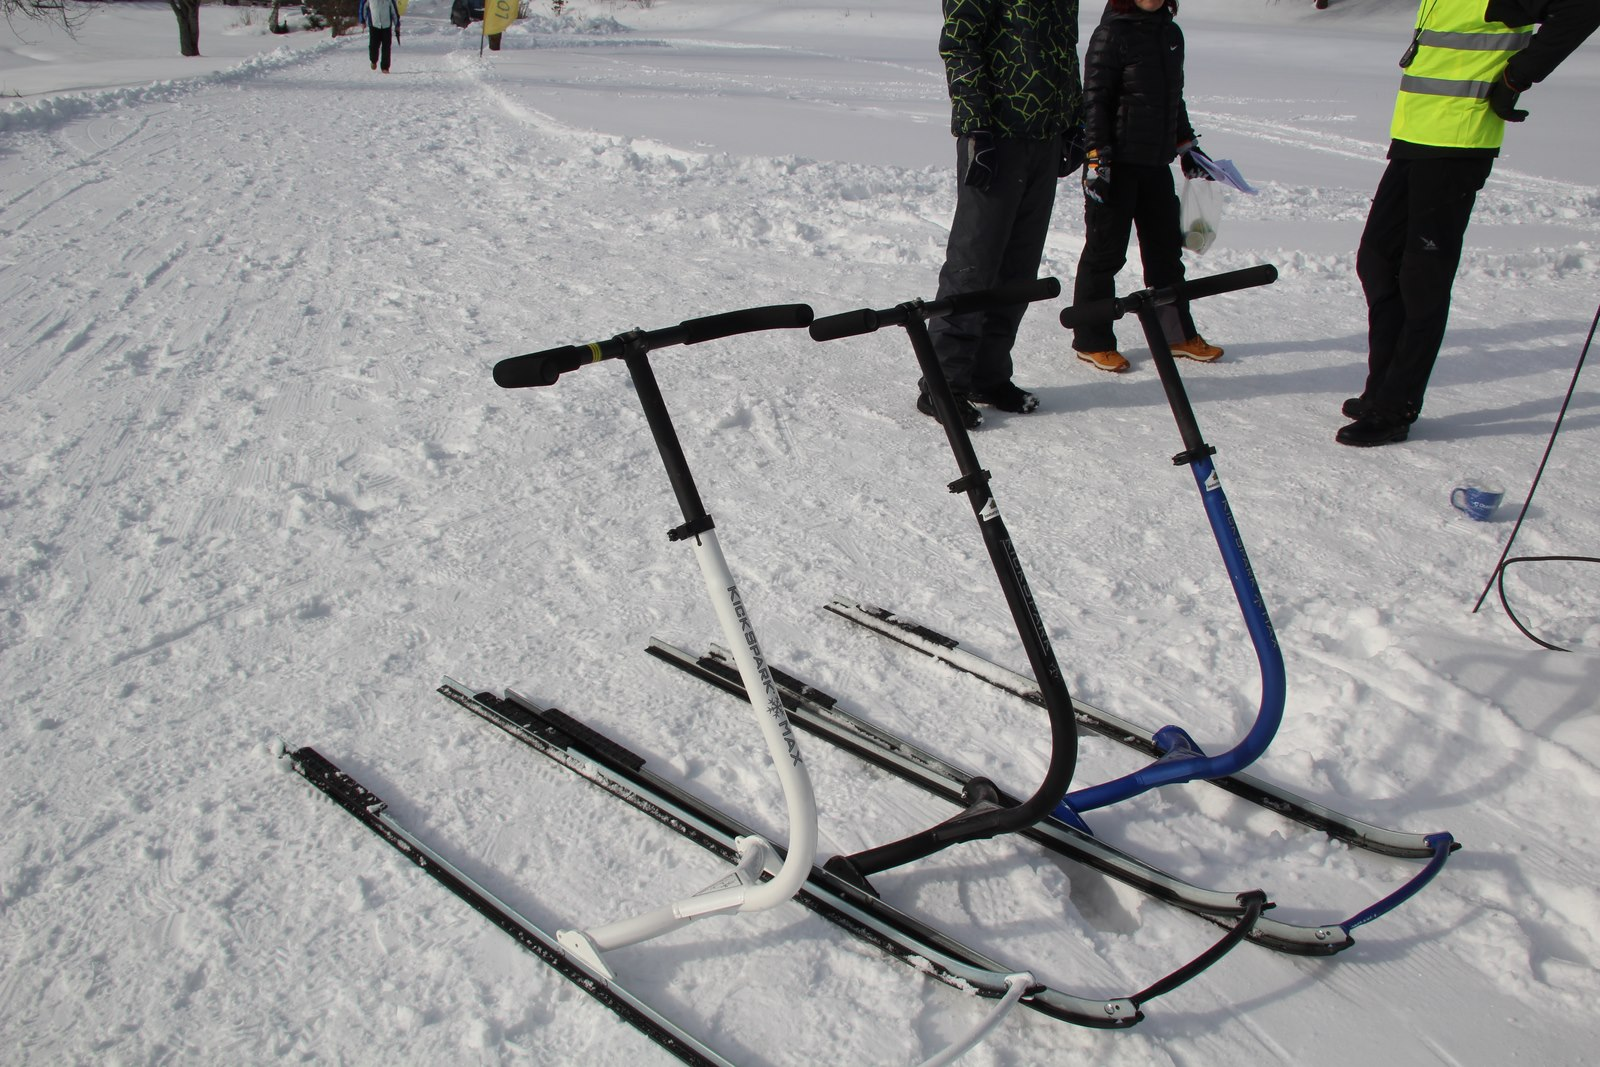 MATKAMARATON! Pühajärve matkamaraton tõukekelkudel viiakse läbi lumerajal